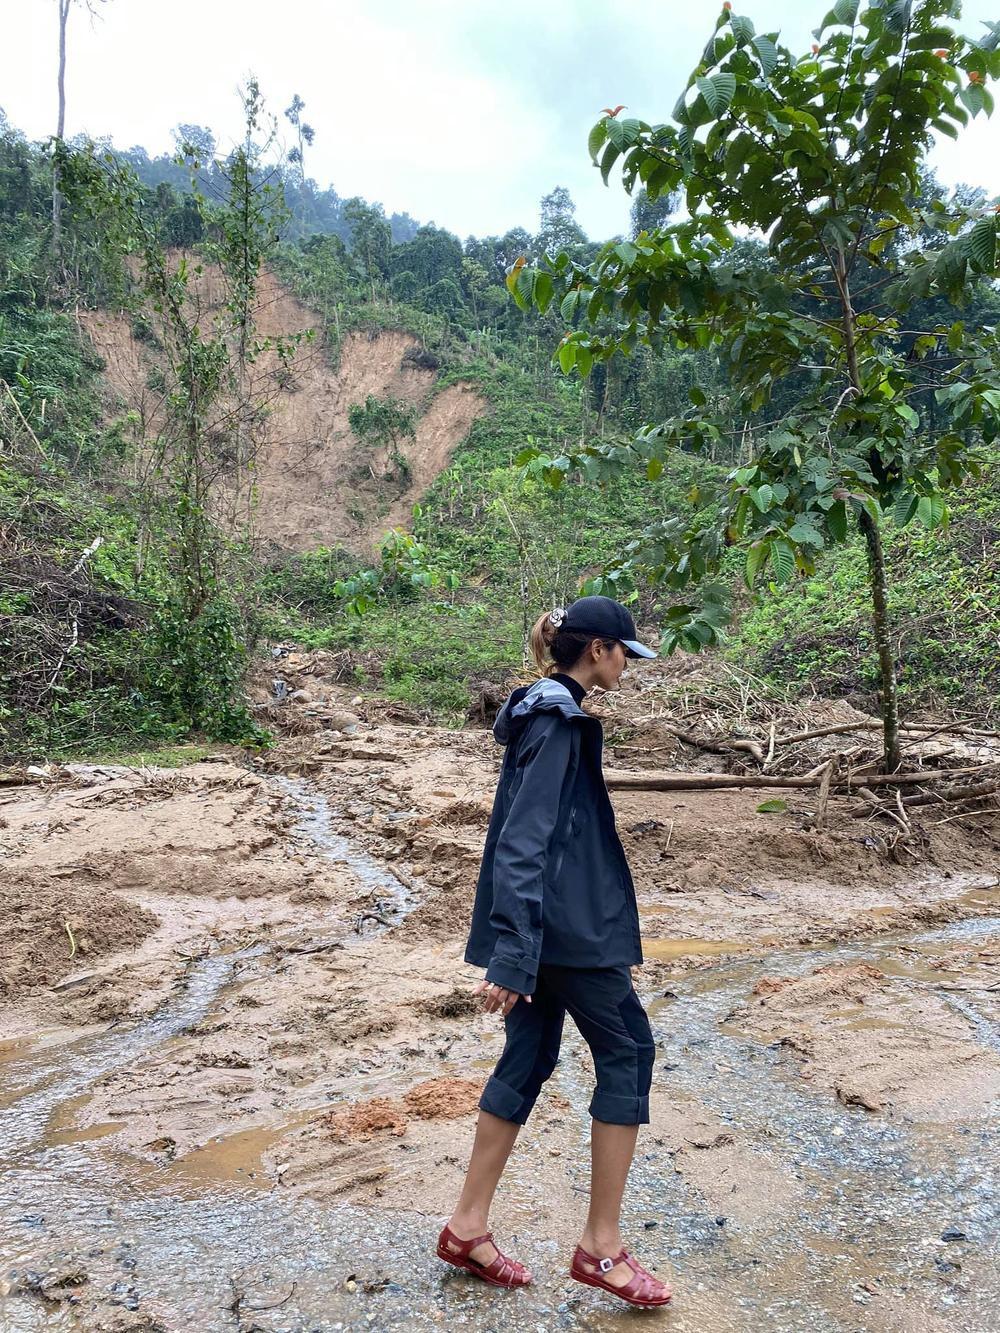 H'Hen Niê lội bùn, xúc động mạnh khi đến thăm người dân chịu ảnh hưởng sạt lở đất tại Quảng Nam Ảnh 4